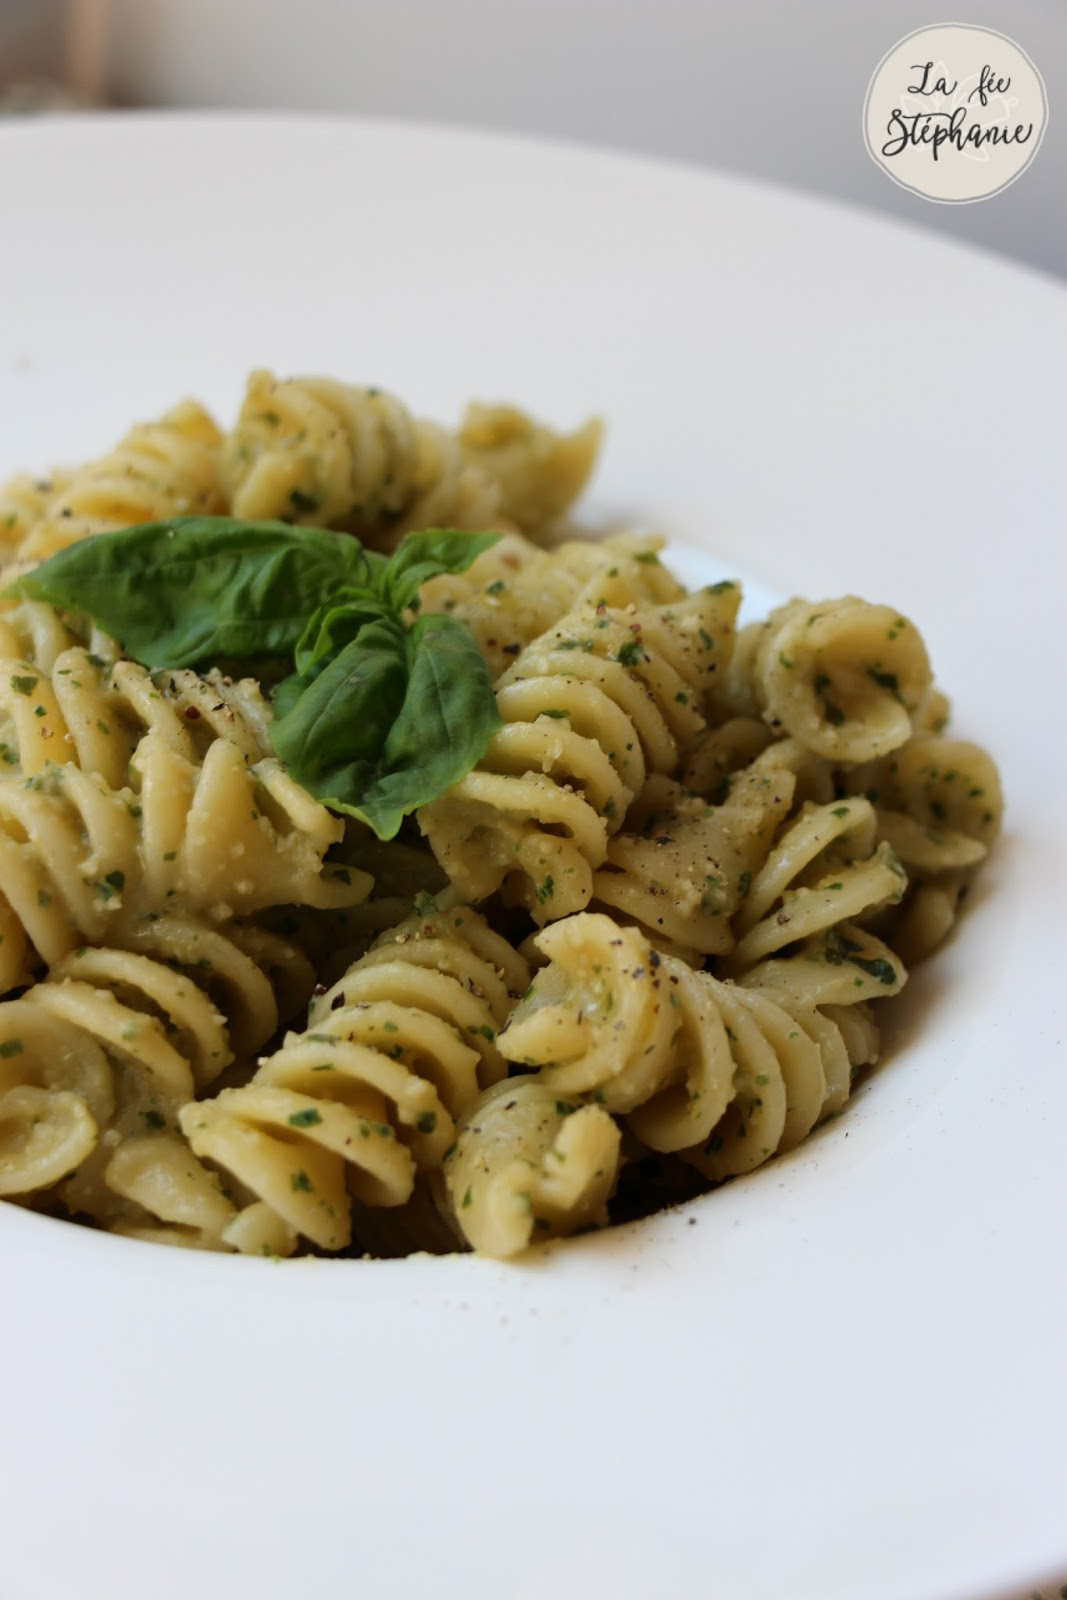 Pesto d 39 aubergine une recette vegan simple et rapide la f e st phanie - Recette vegan simple et rapide ...